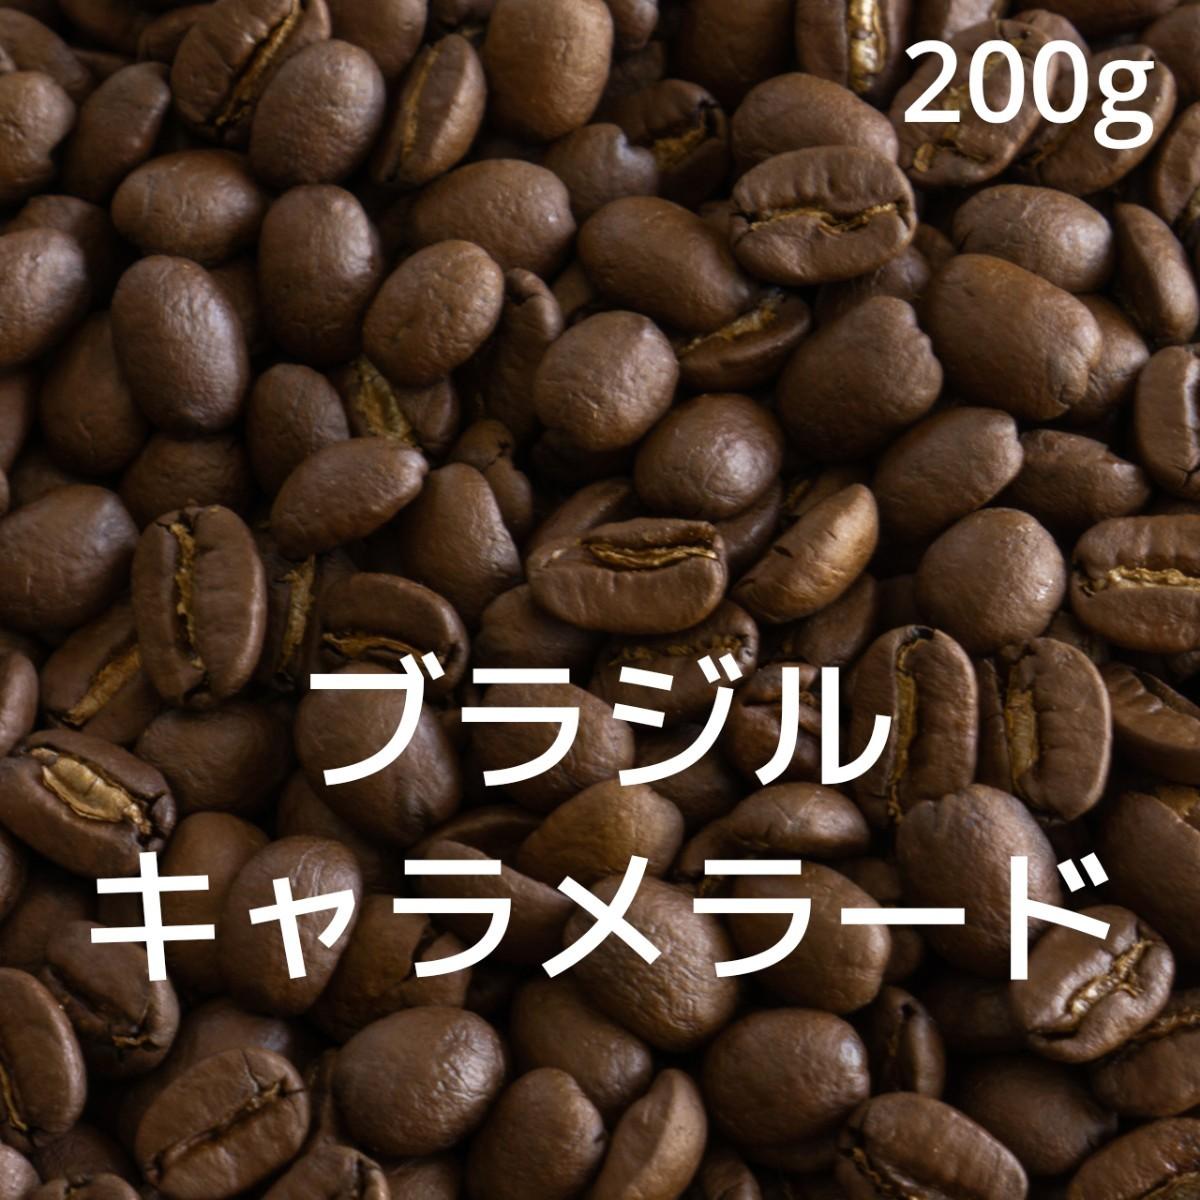 ブラジル キャラメラード 200g 自家焙煎 コーヒー豆